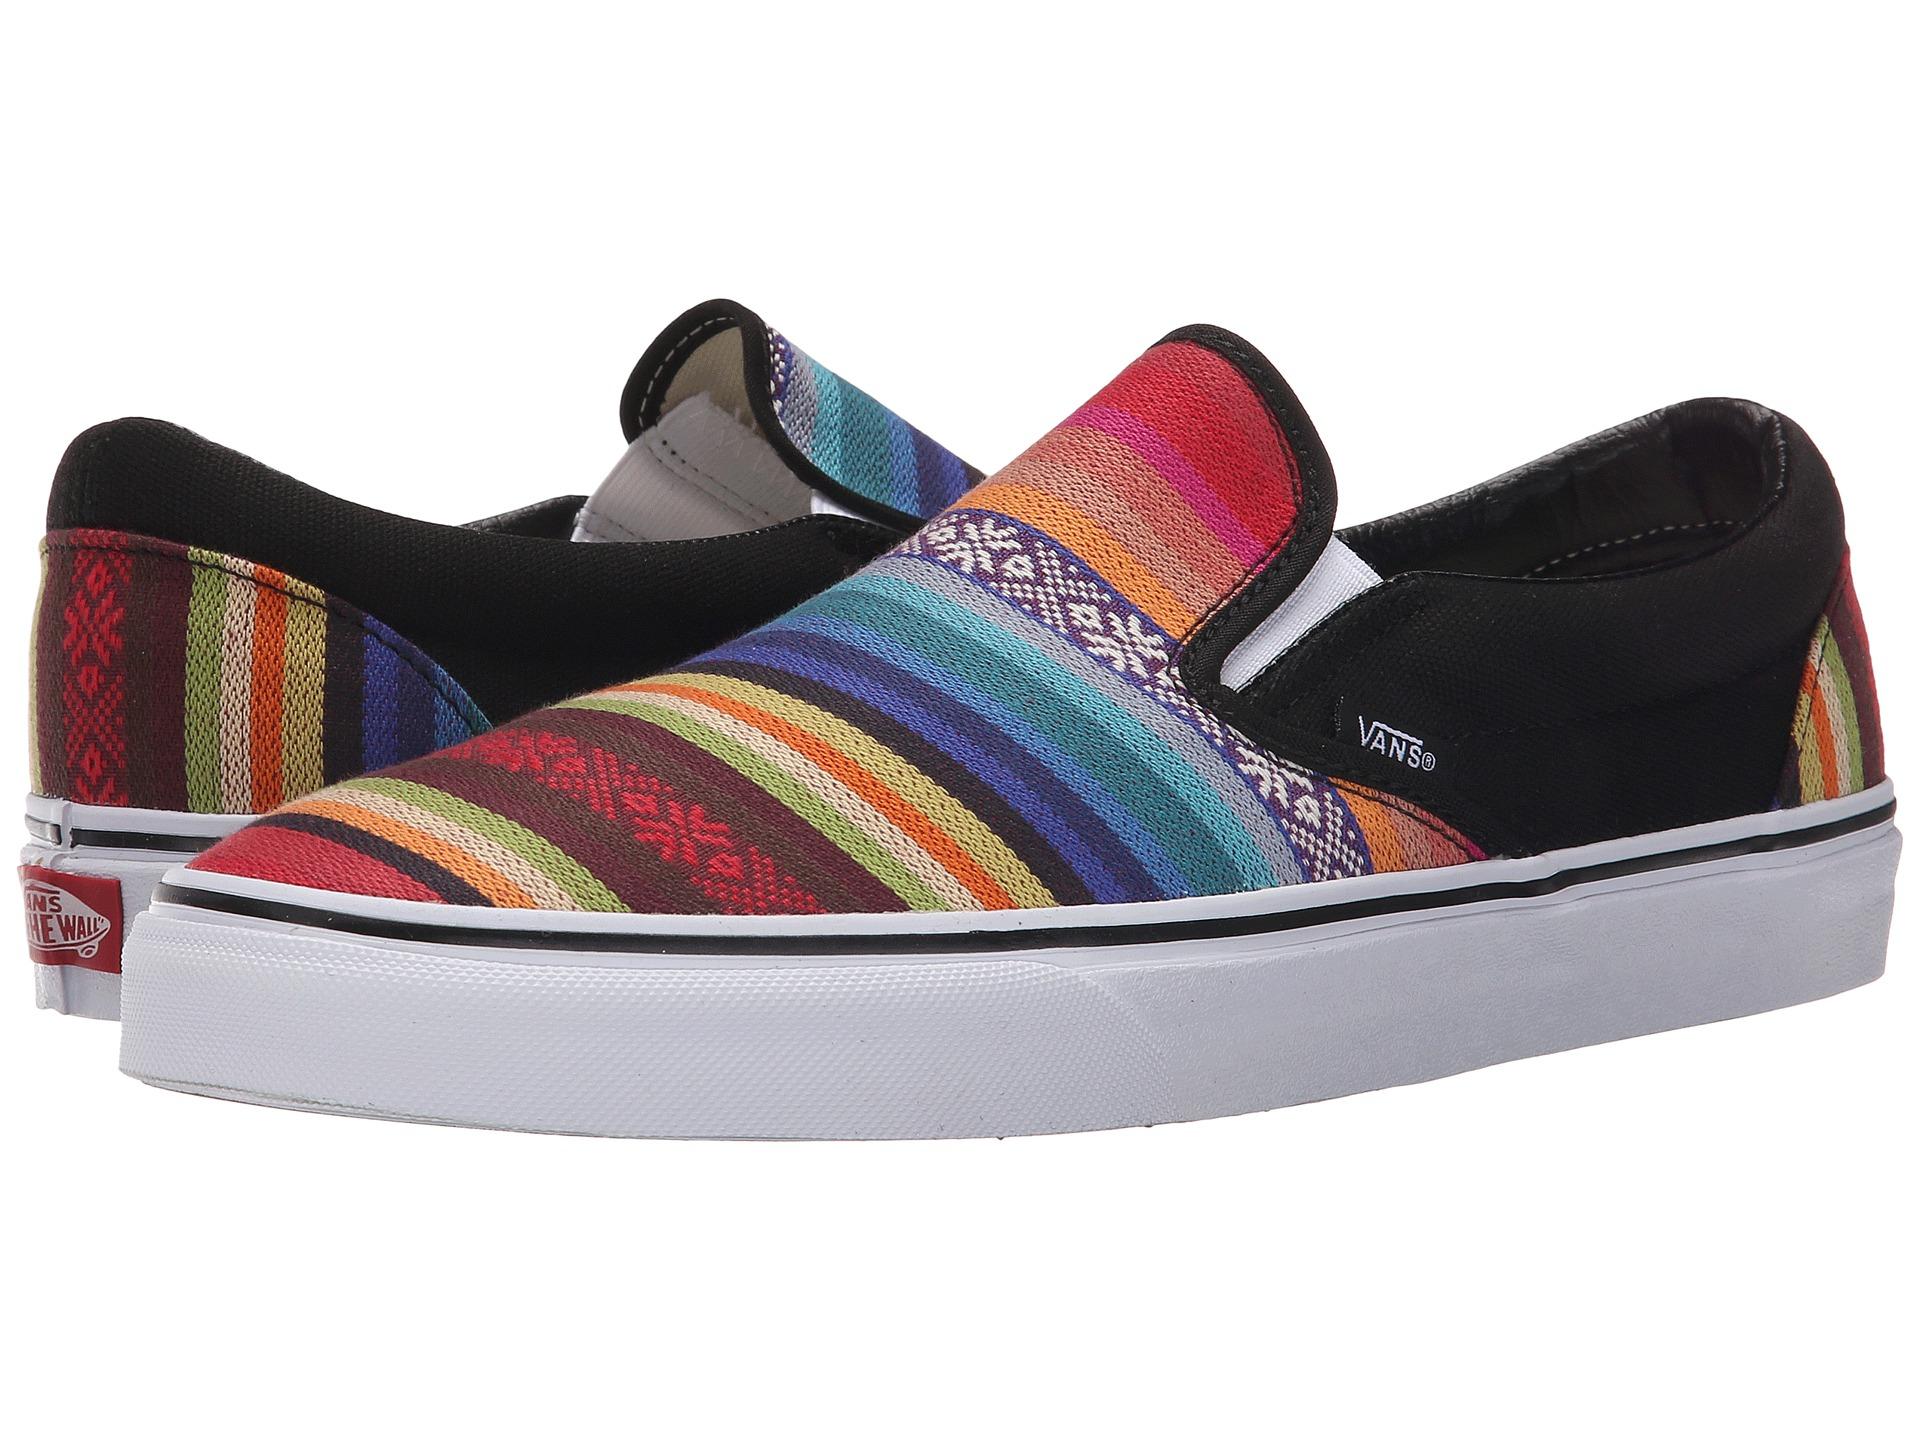 f2b5d276bb Vans baja shoes jpg 1920x1440 Vans baja shoes